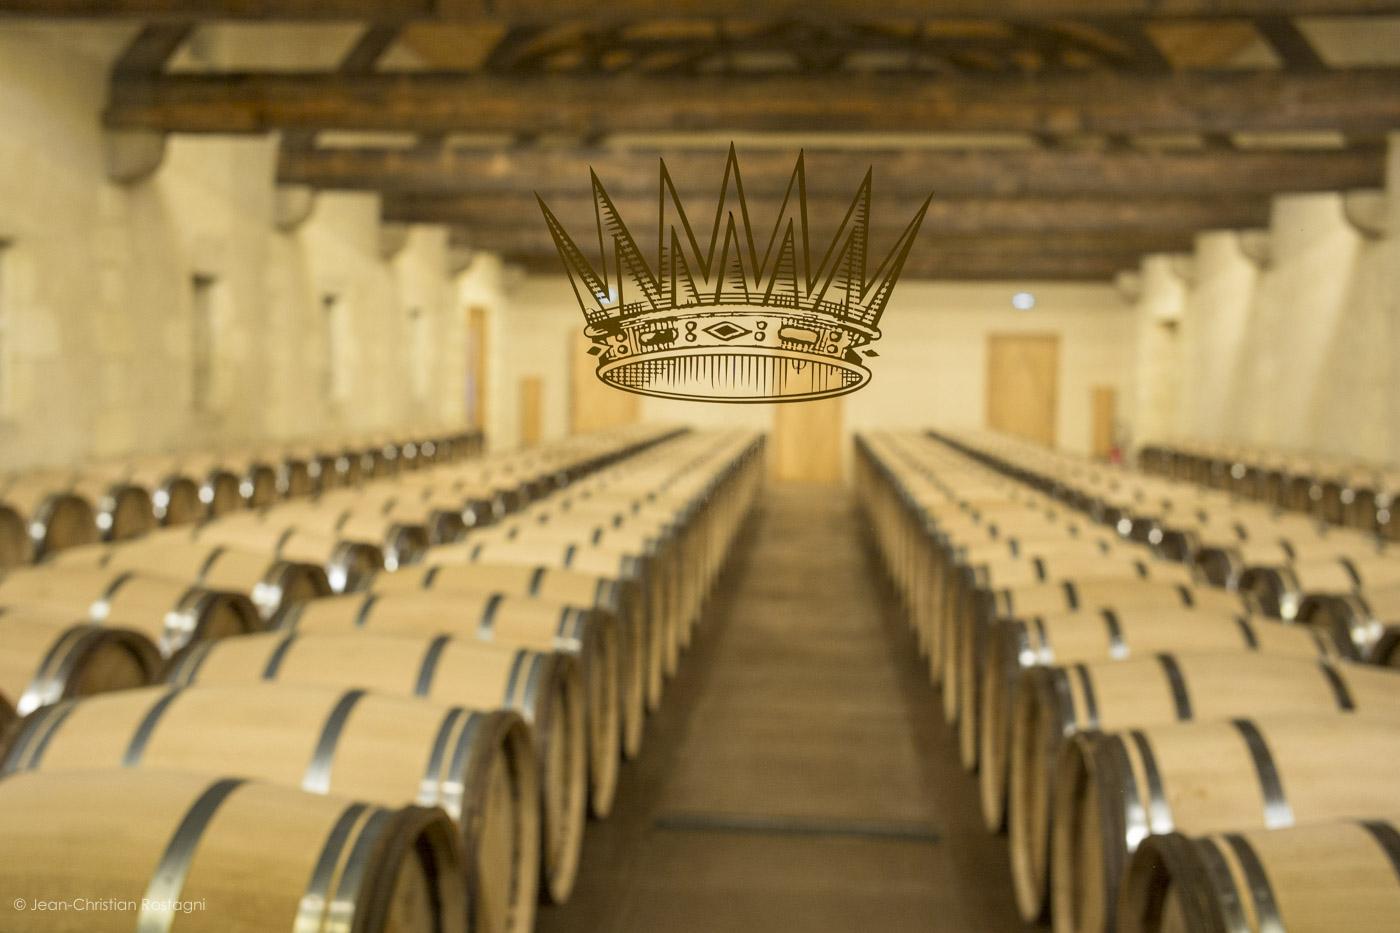 Yquem, chais, cellar, crown